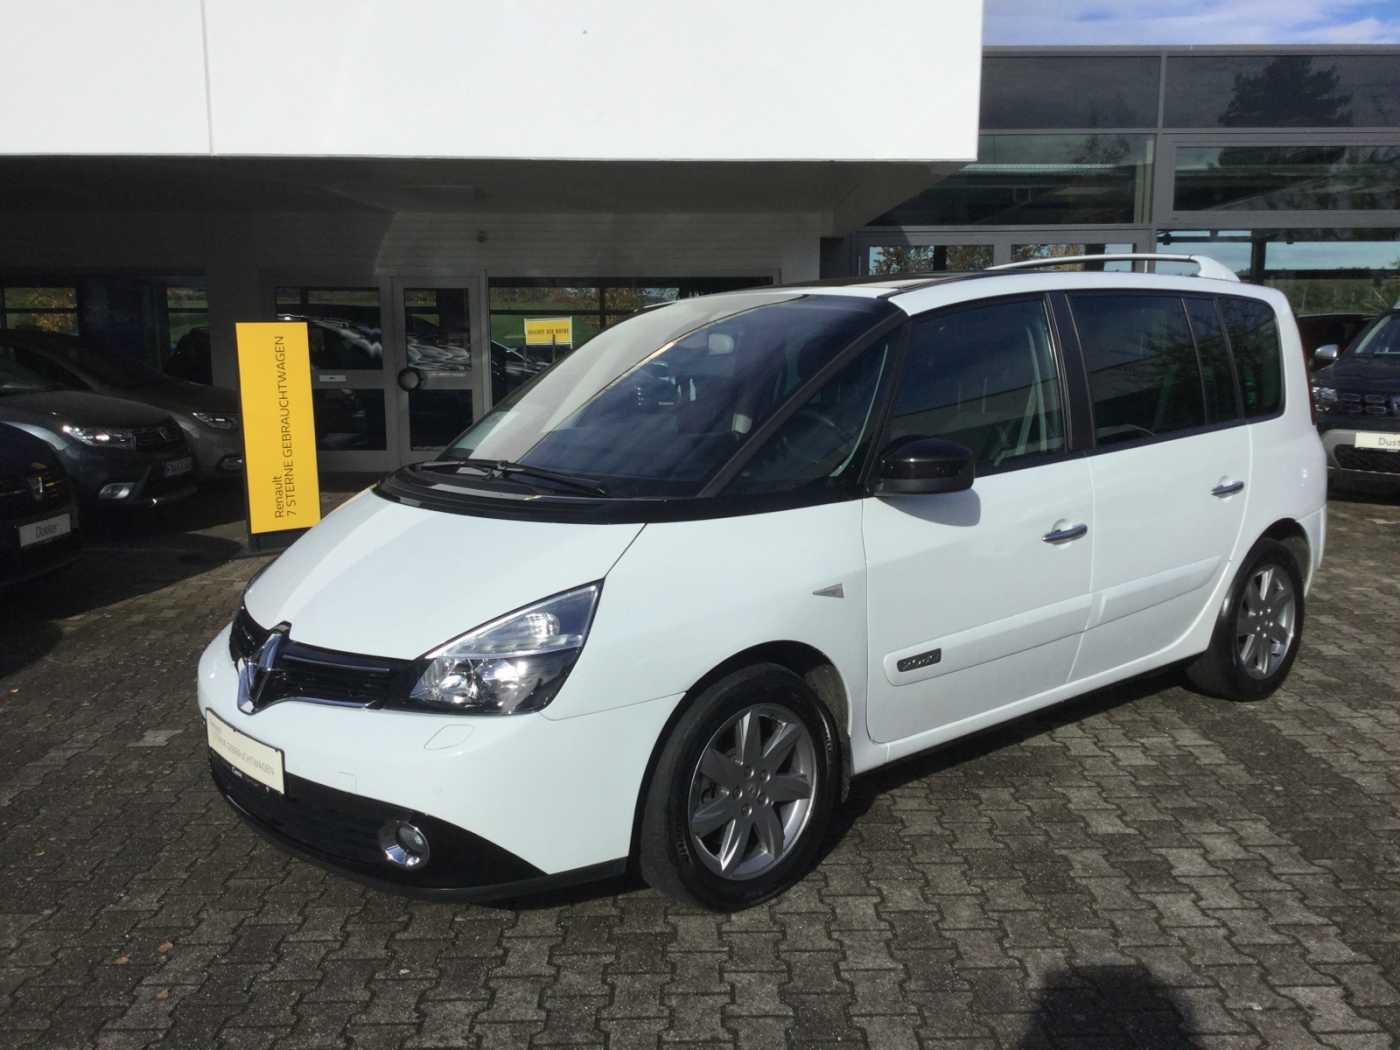 Renault Espace DCi 150 Edition 25th el. SD, AHK, uvm, Jahr 2014, Diesel